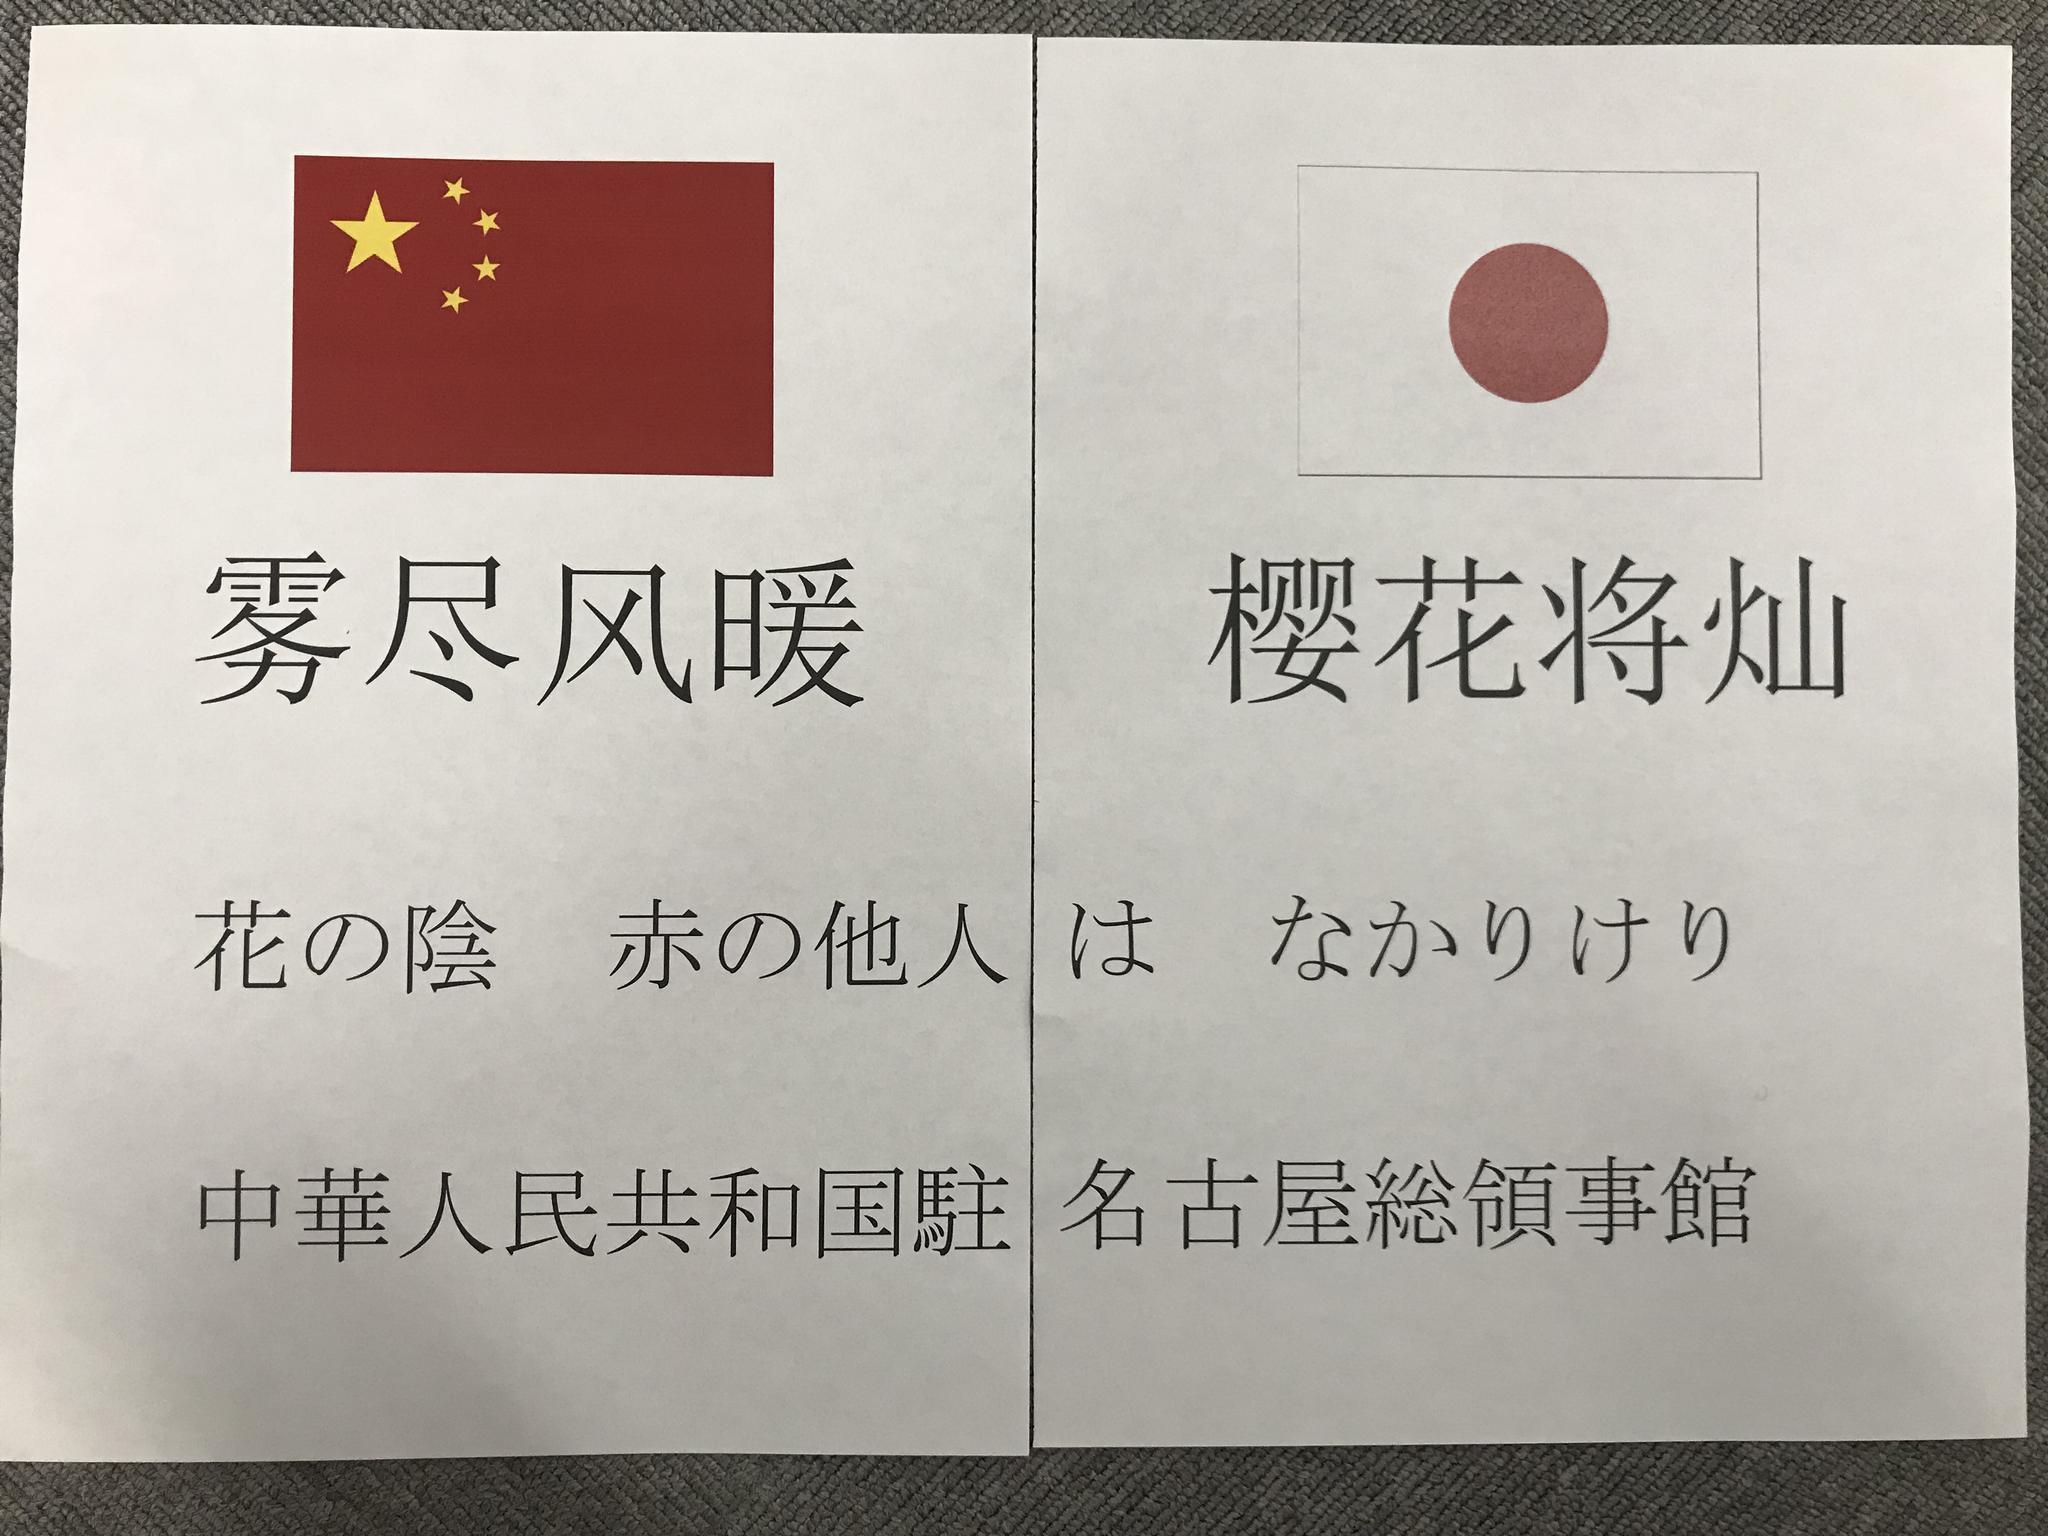 (驻名古屋总领事馆推特 图)